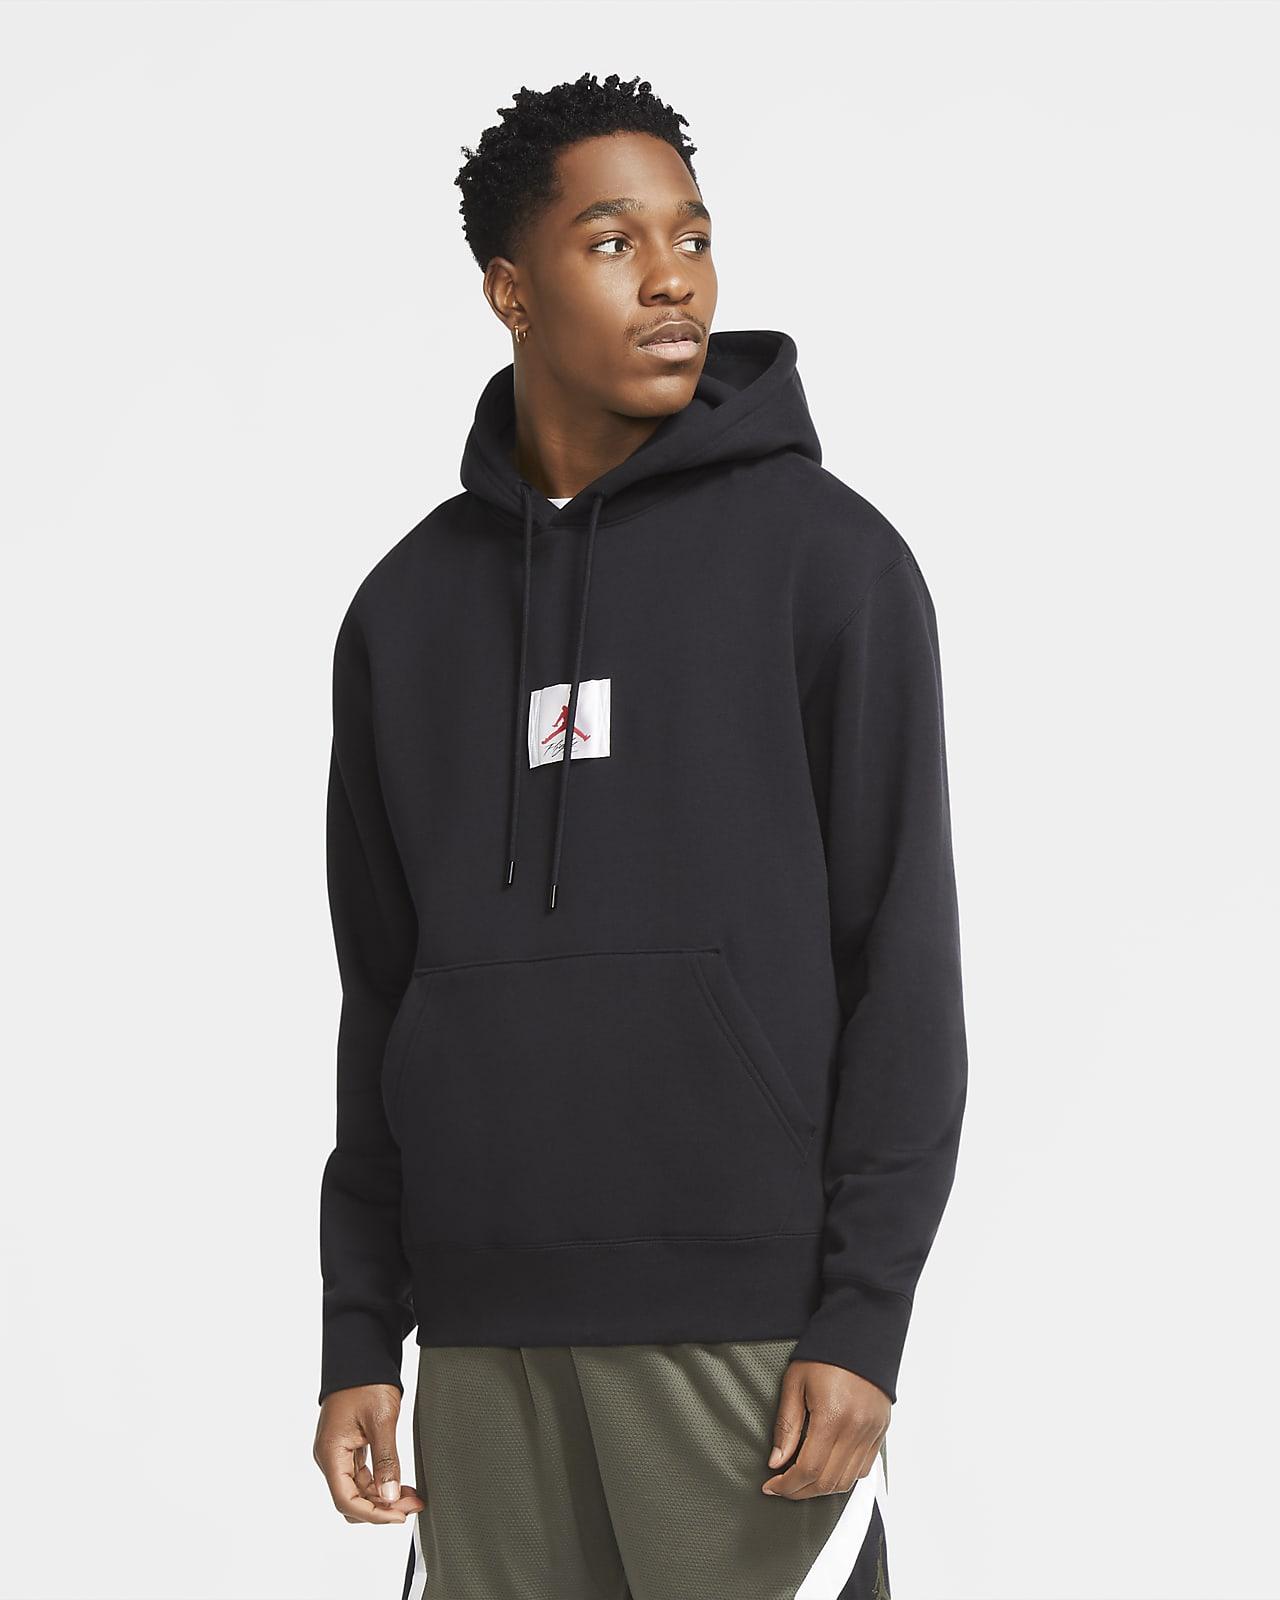 Arriesgado Trasplante Niño  Sudadera con capucha sin cierre de tejido Fleece para hombre Jordan Flight.  Nike.com